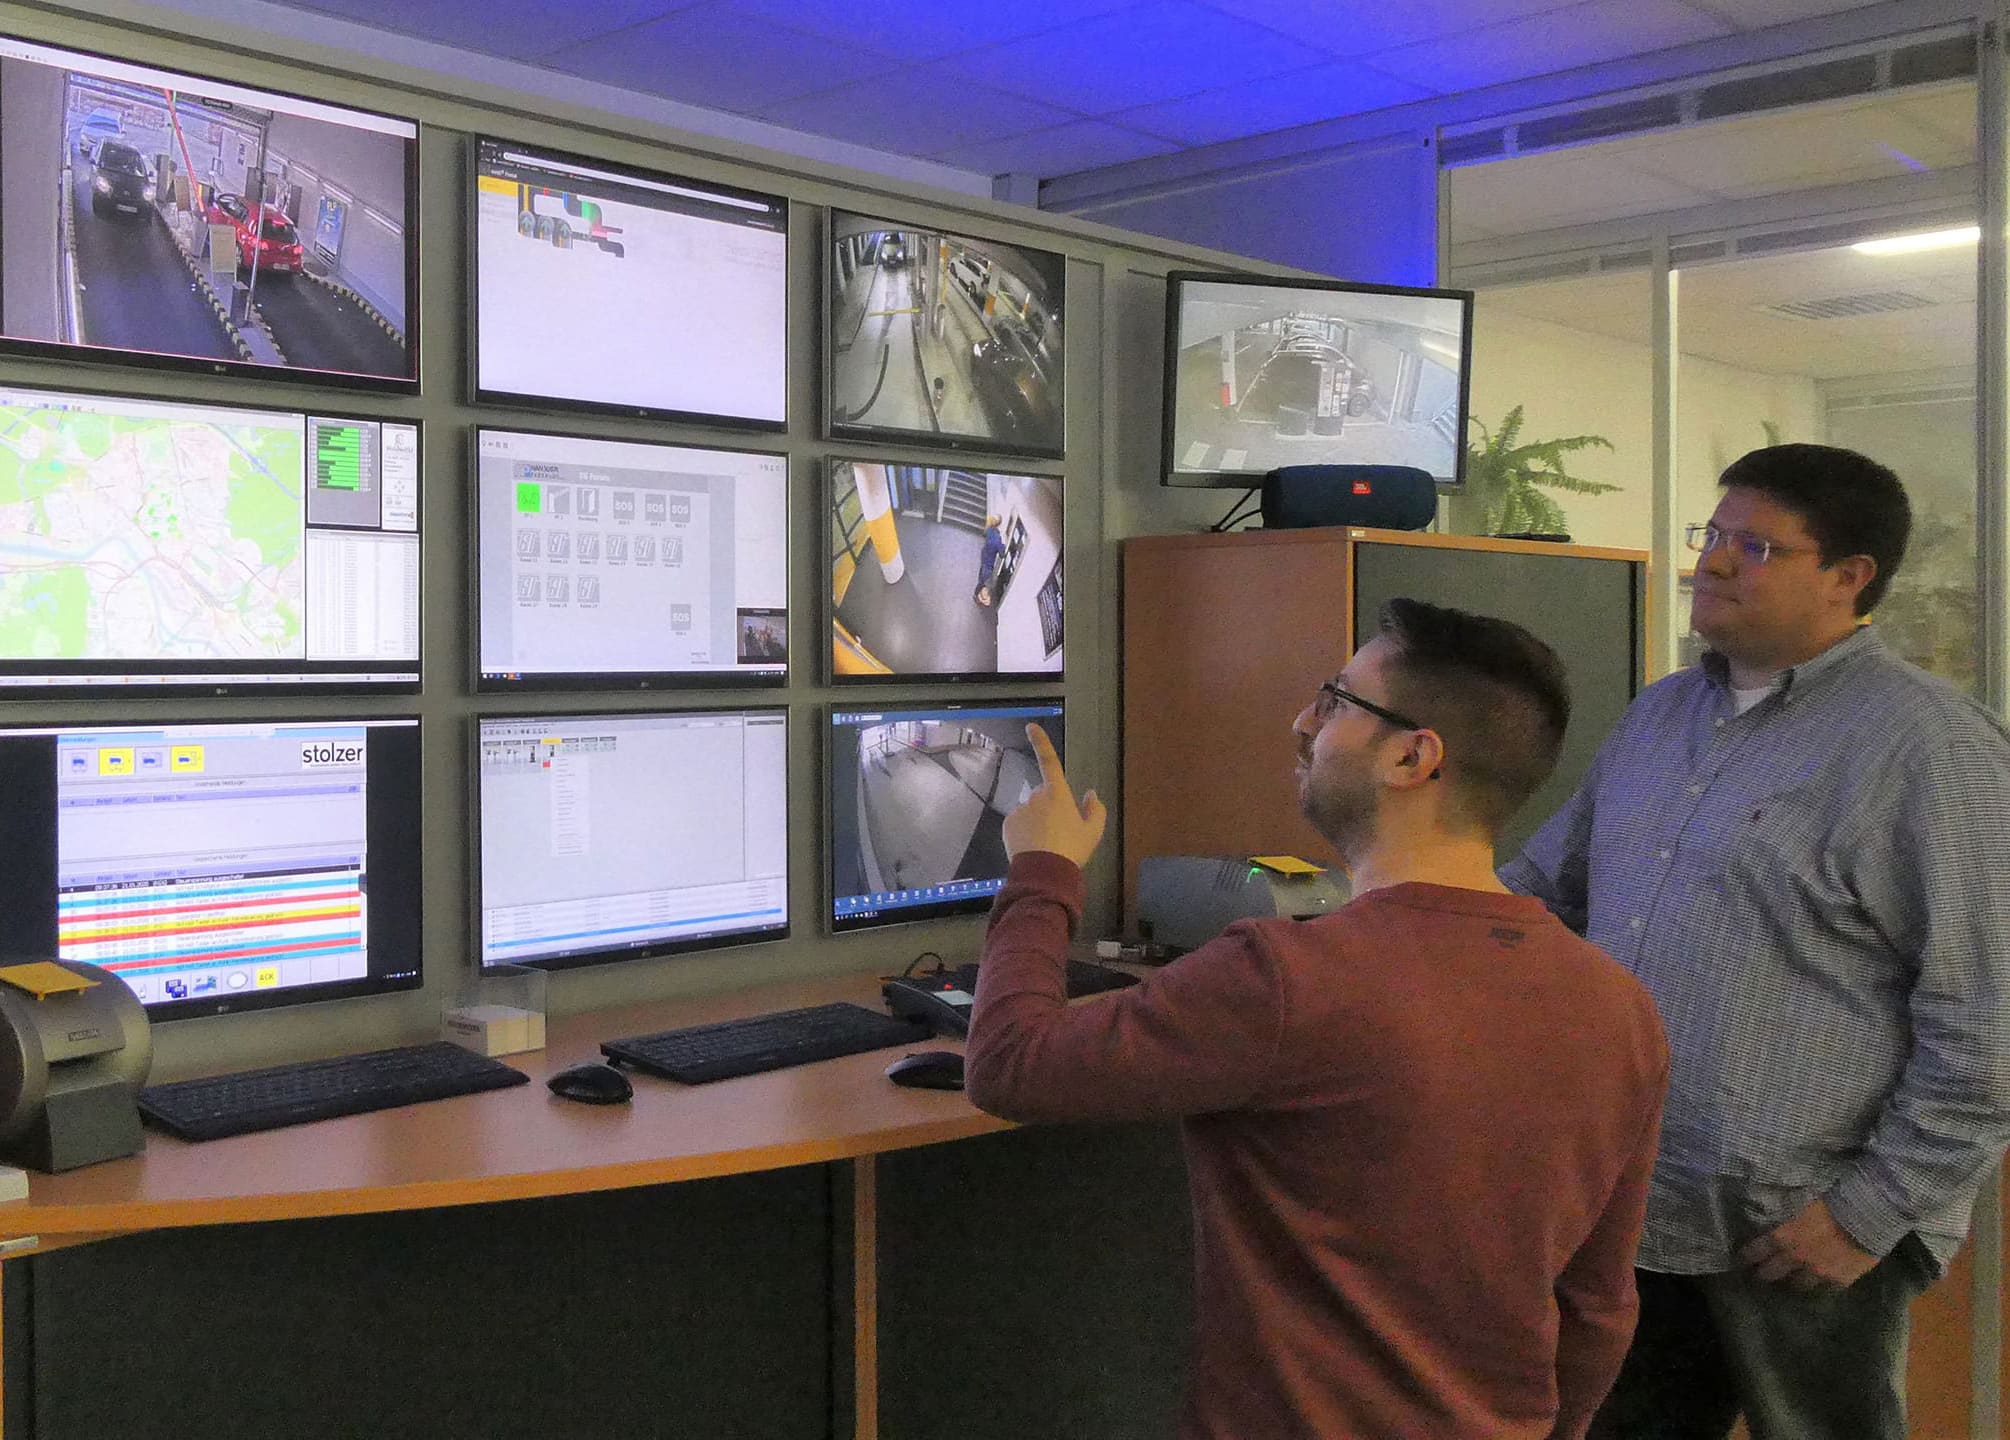 Die Fotos zeigen in der Leitzentrale deren Mitarbeiter Calogero La Marca und Andreas Herchenröther (rechts) vor den Kontrollmonitoren